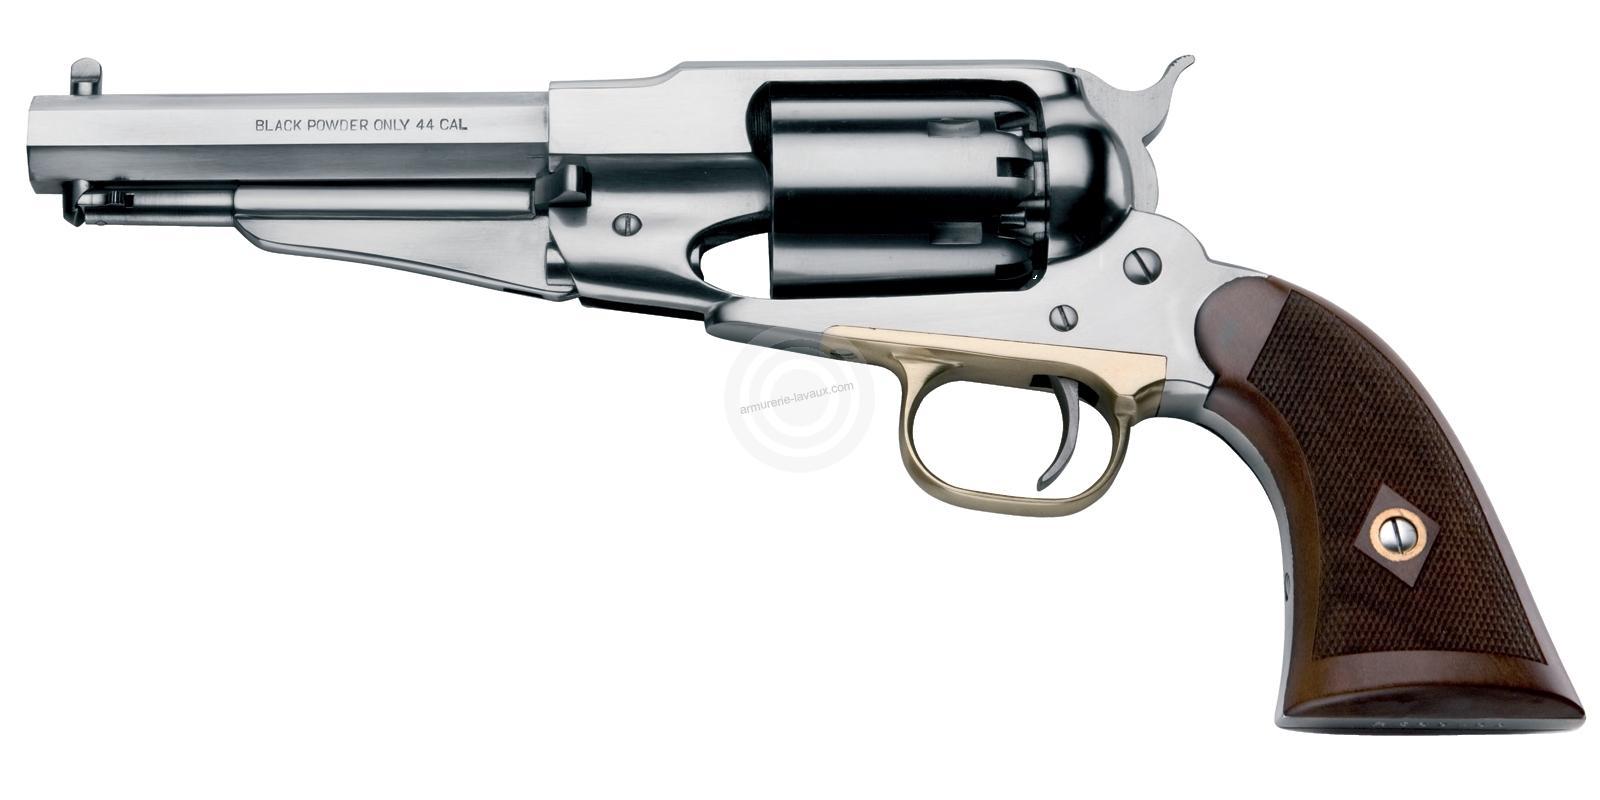 Revolver à Poudre Noire Pietta REMINGTON 1858 ARMY Inox Sheriff cal.44